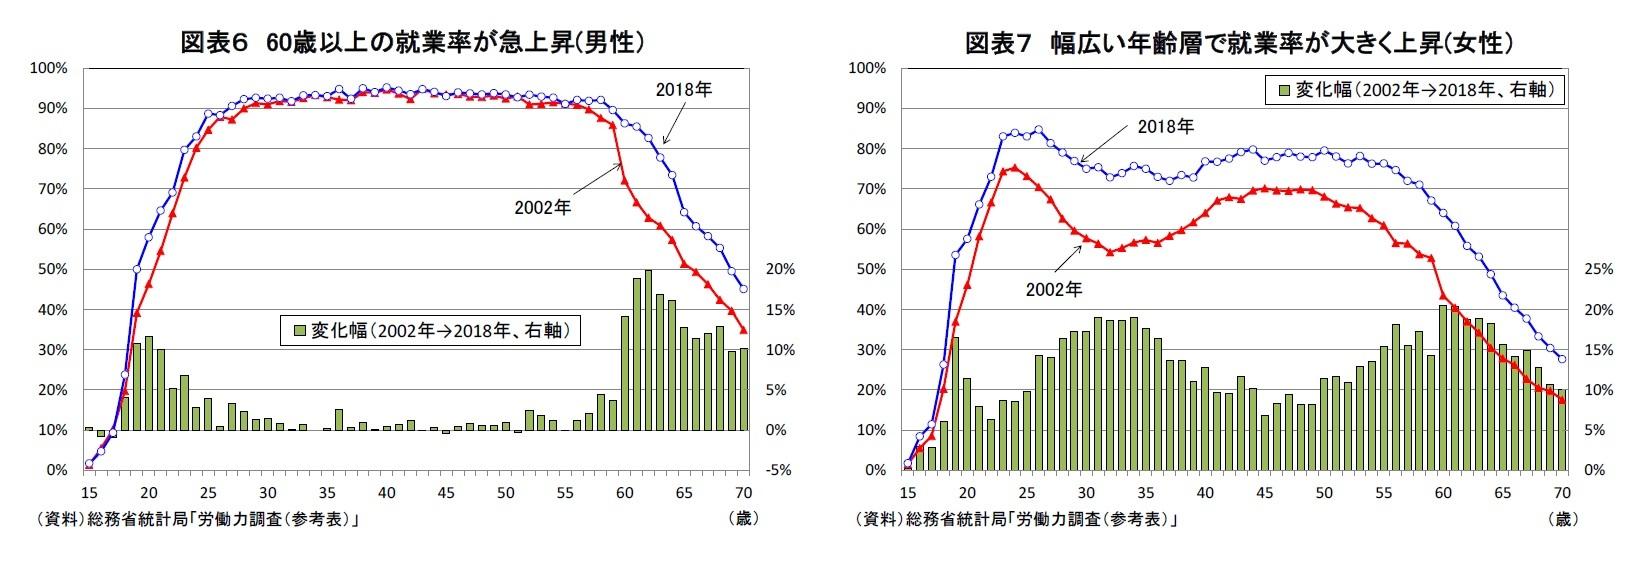 図表6 60歳以上の就業率が急上昇(男性)/図表7 幅広い年齢層で就業率が大きく上昇(女性)